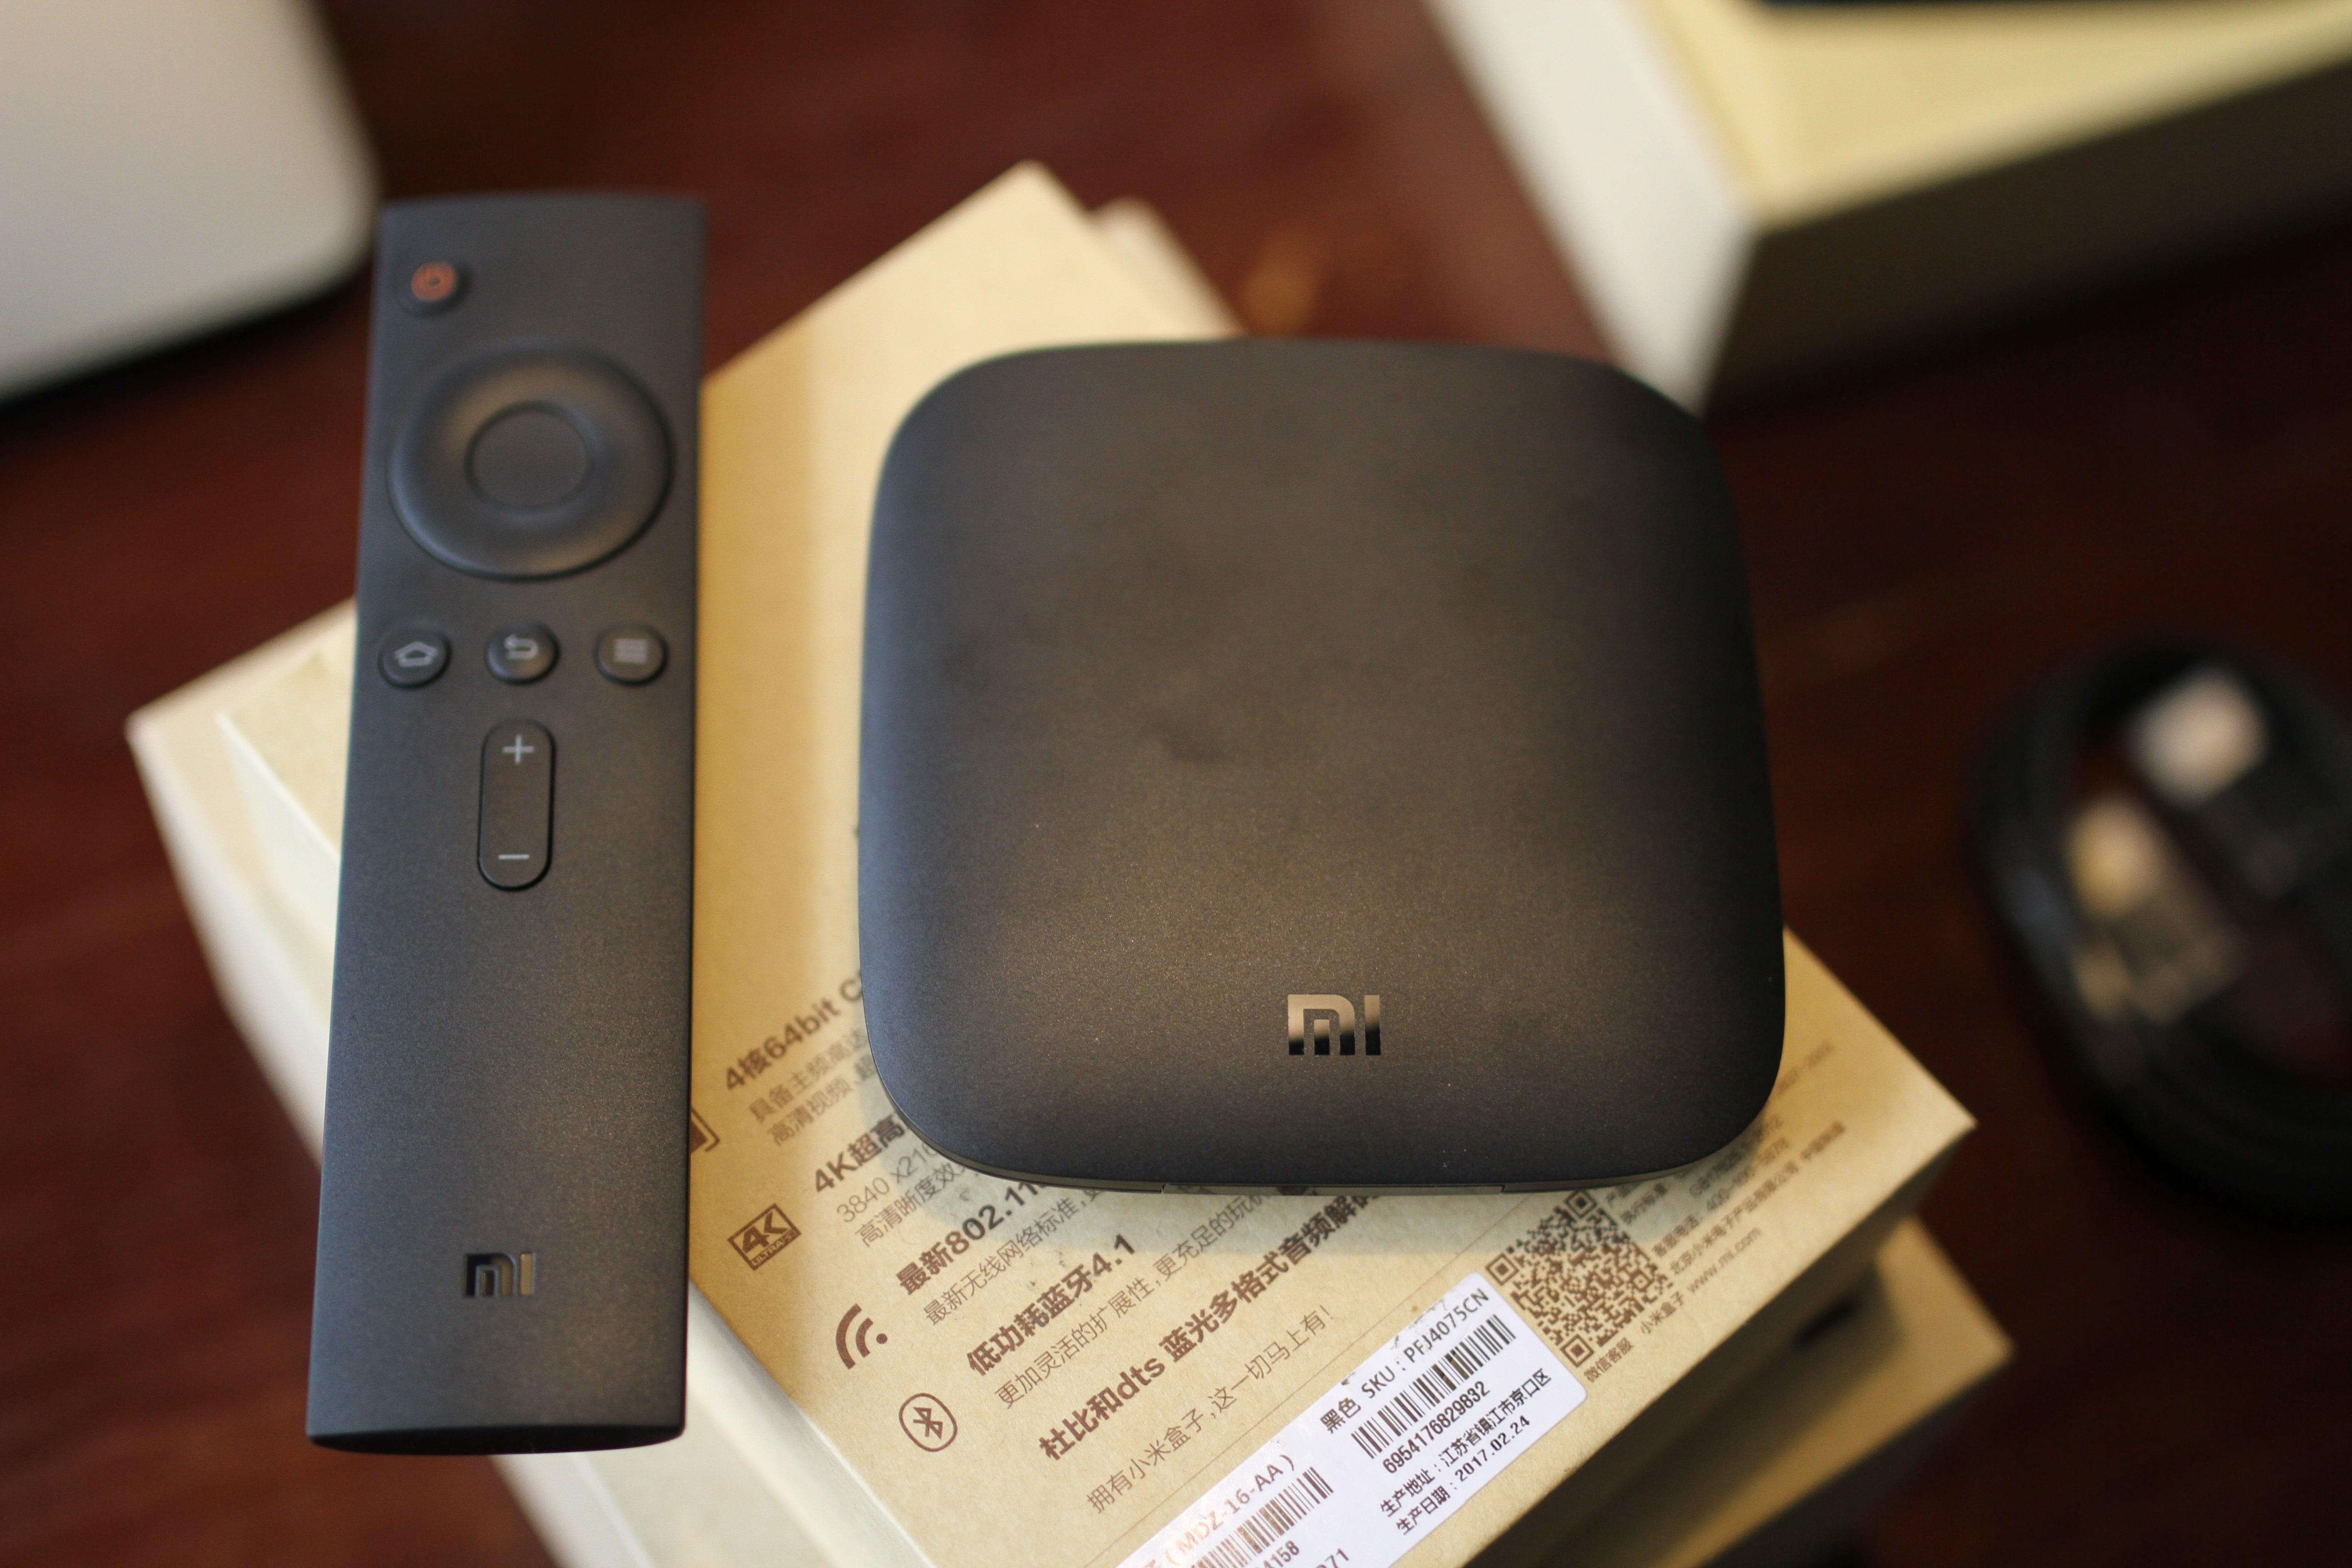 Chỉ với 600 nghìn, giải pháp Android Box/Android TV tốt nhất hiện nay